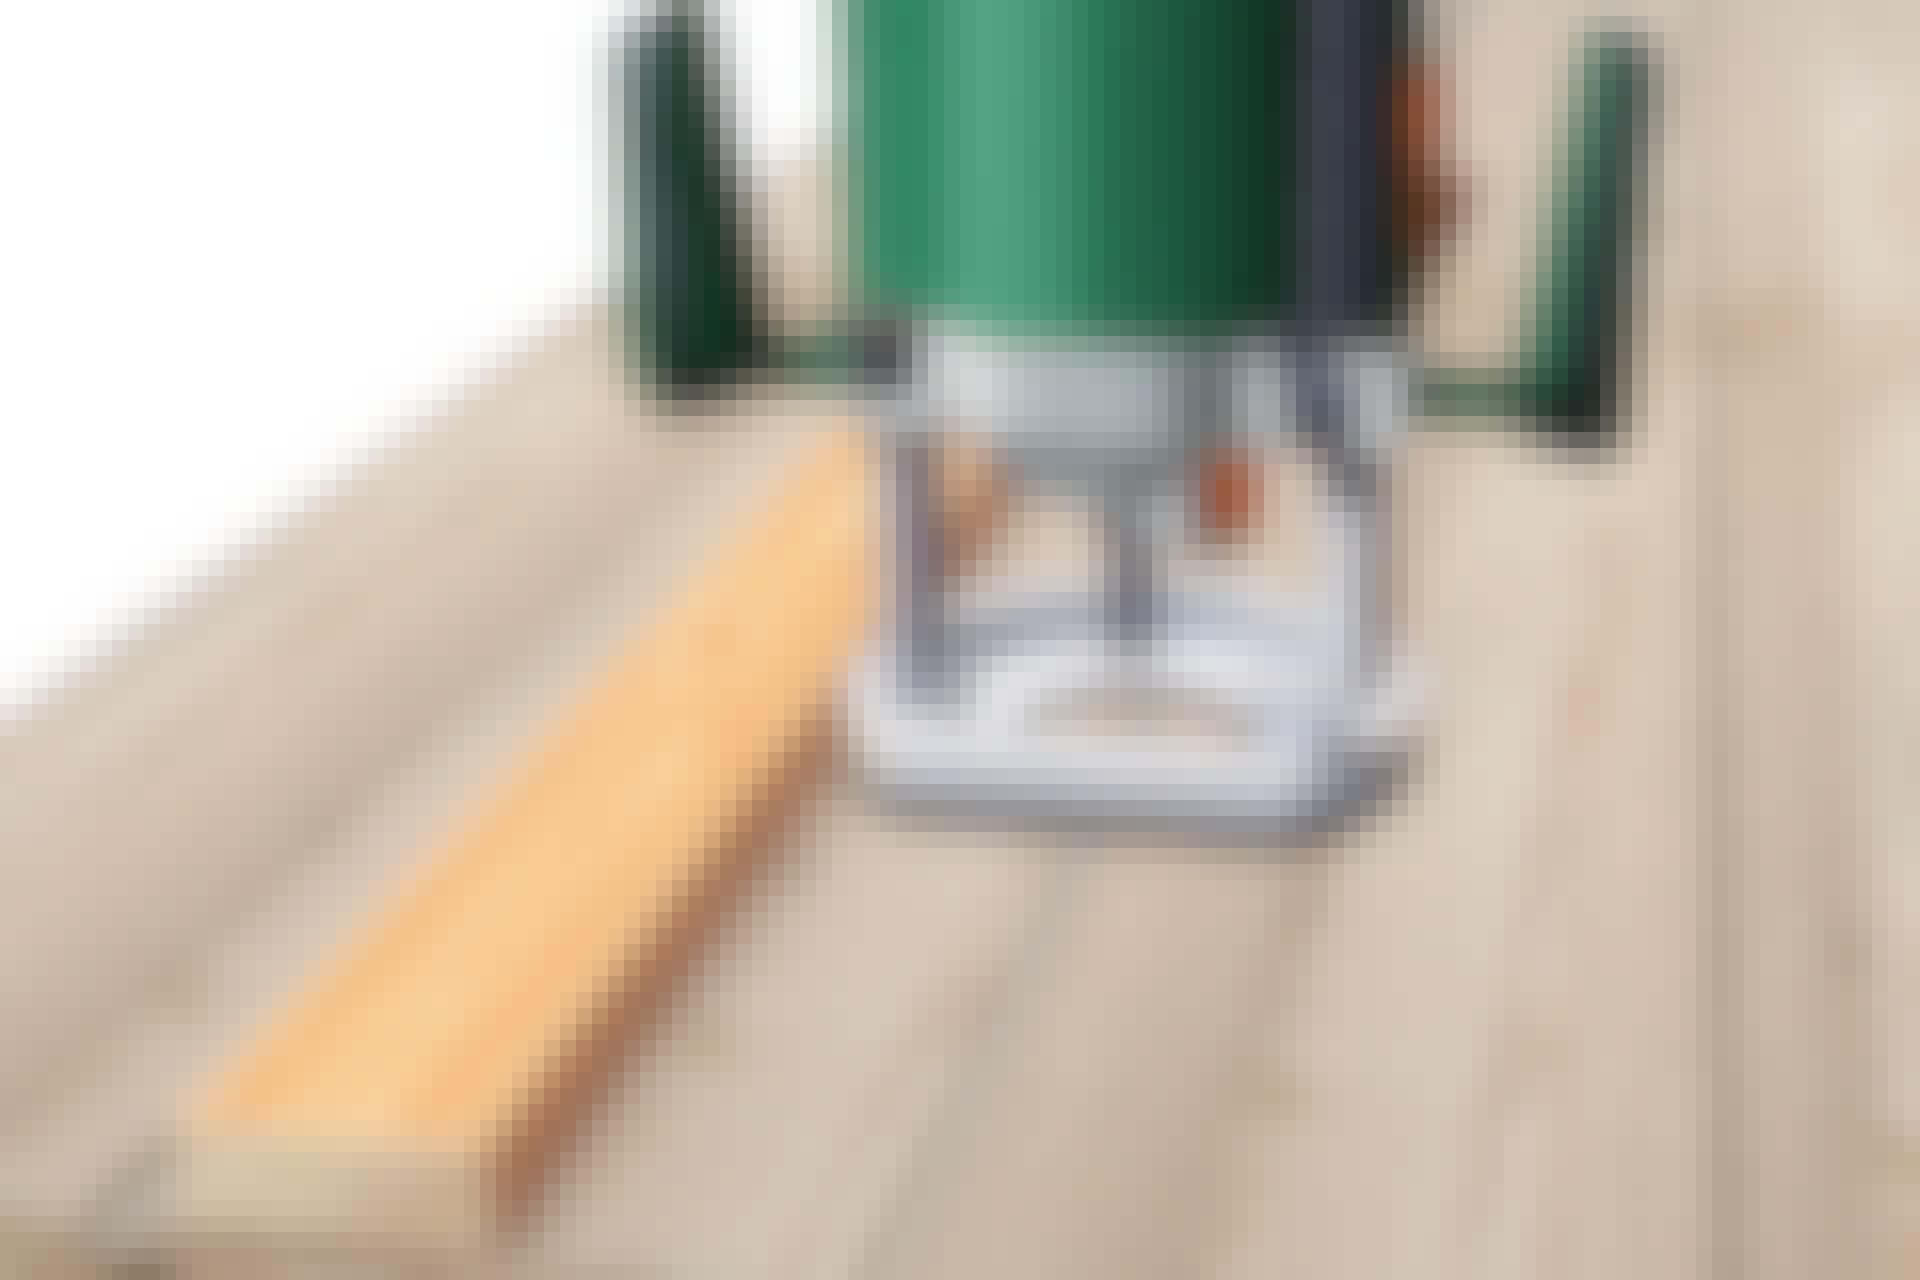 Hur gör jag lika breda golvfogar?